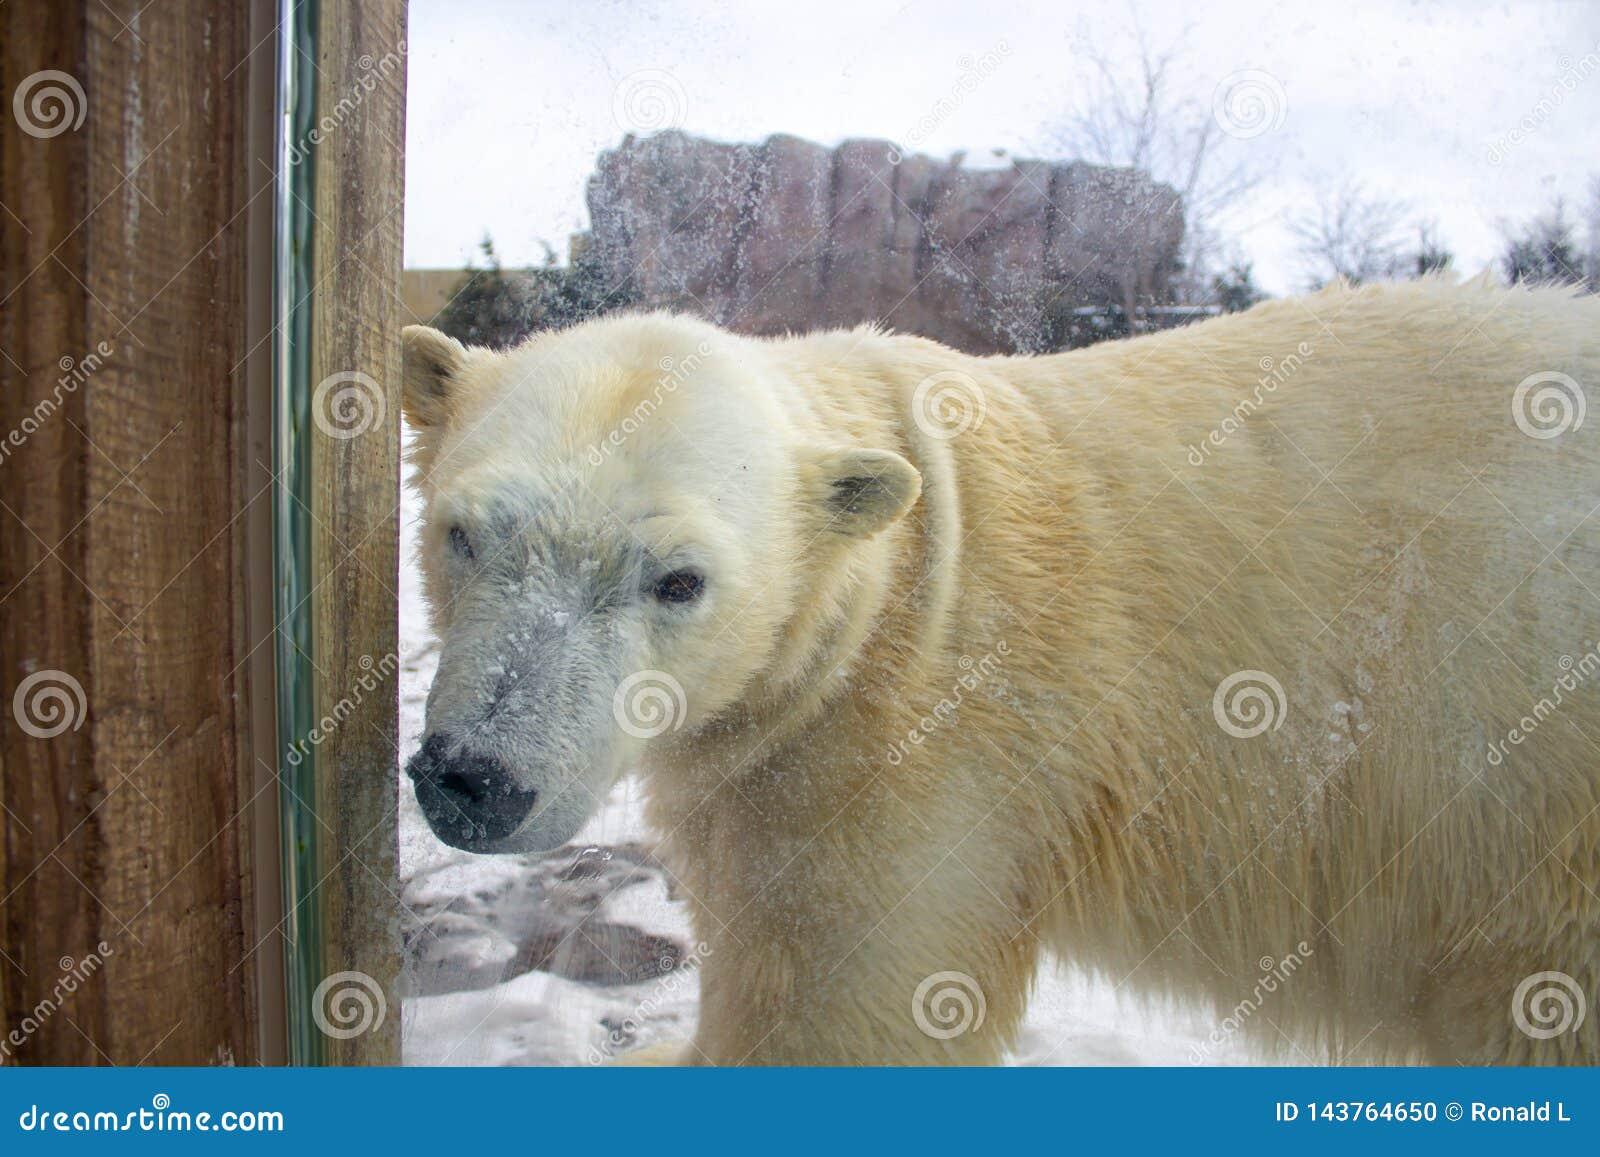 Polar bear walking in a zoo in winter